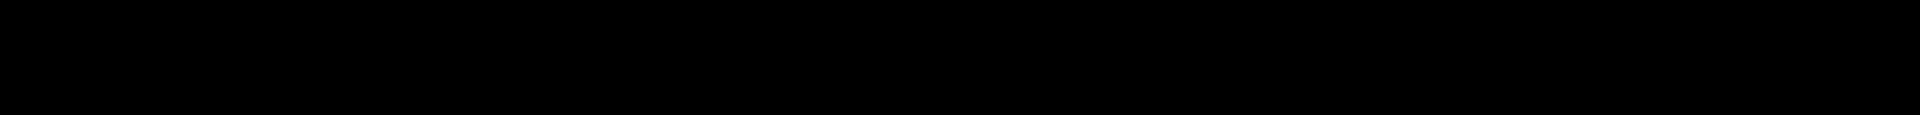 GFDM и тензоры. Продолжение - 18